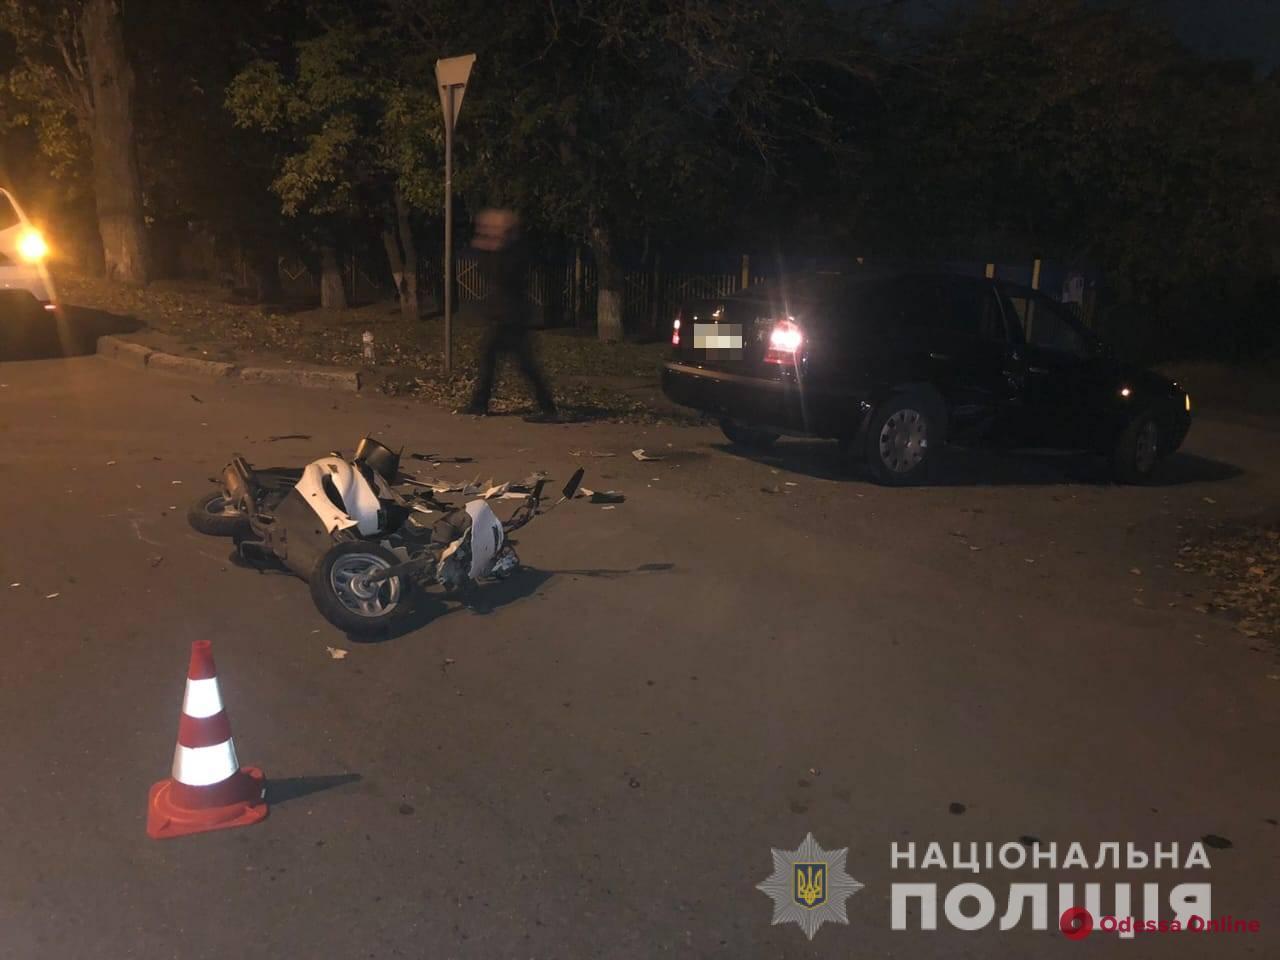 Под Одессой столкнулись мопед и легковушка: пострадали три человека (обновлено)